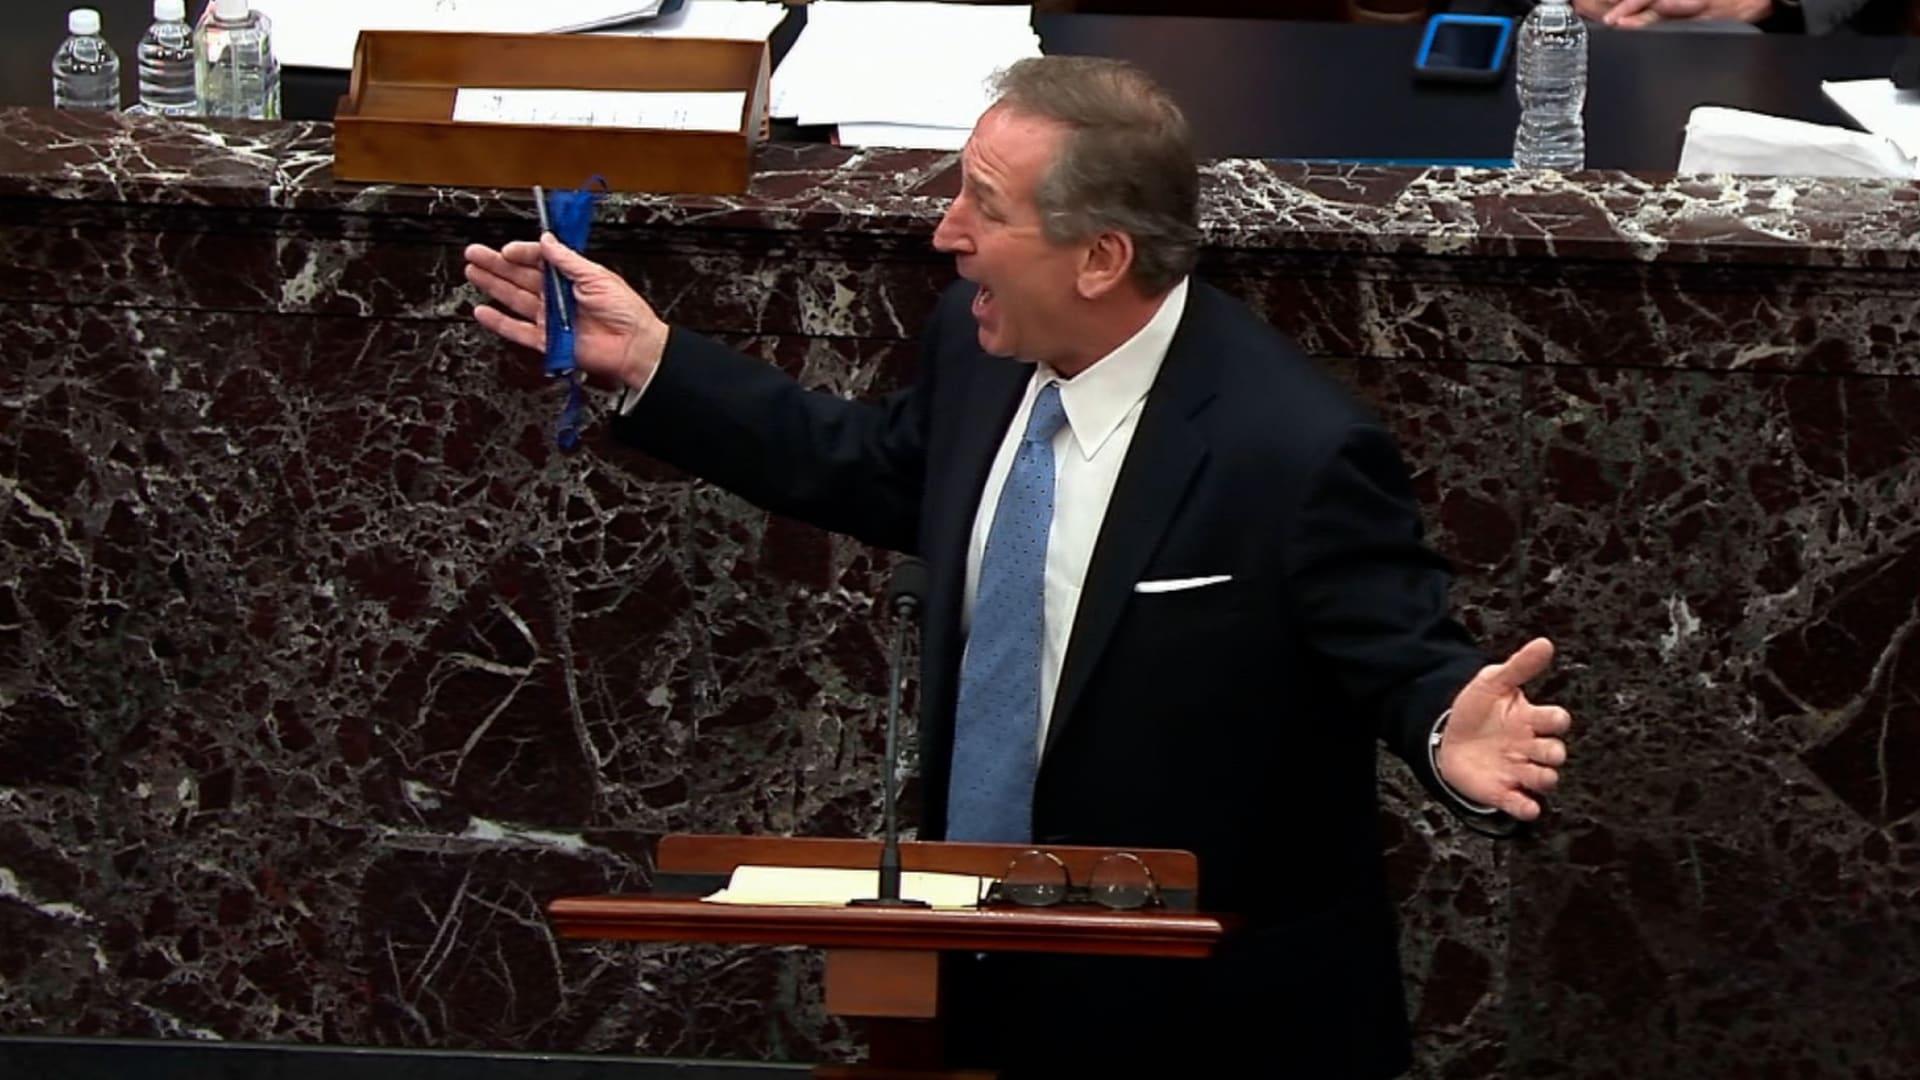 شاهد لماذا ضحك أعضاء مجلس الشيوخ خلال خطاب محامي الدفاع عن ترامب